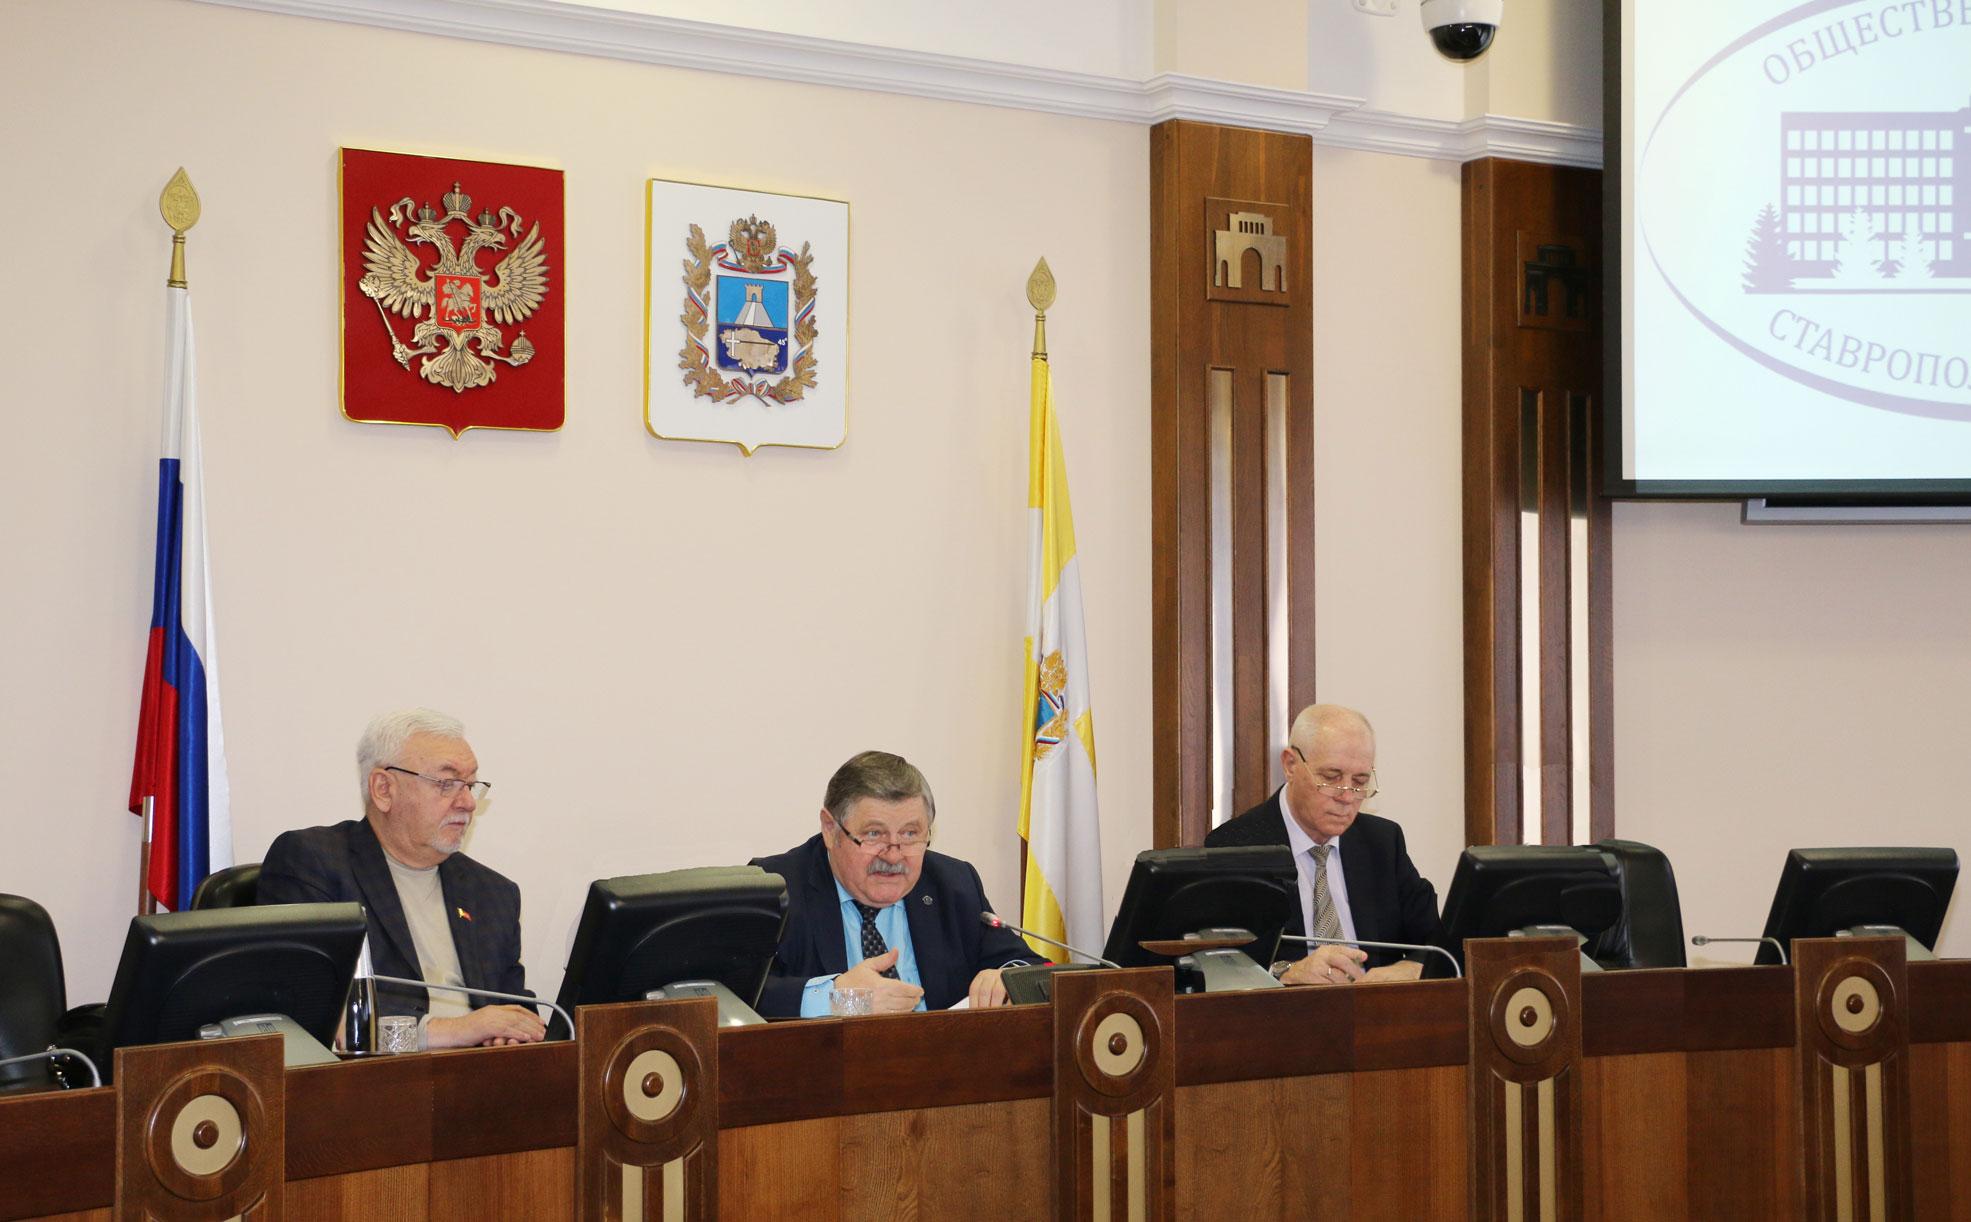 Подведение промежуточных итогов, план работы на год и новые силы в рядах общественников Ставрополья